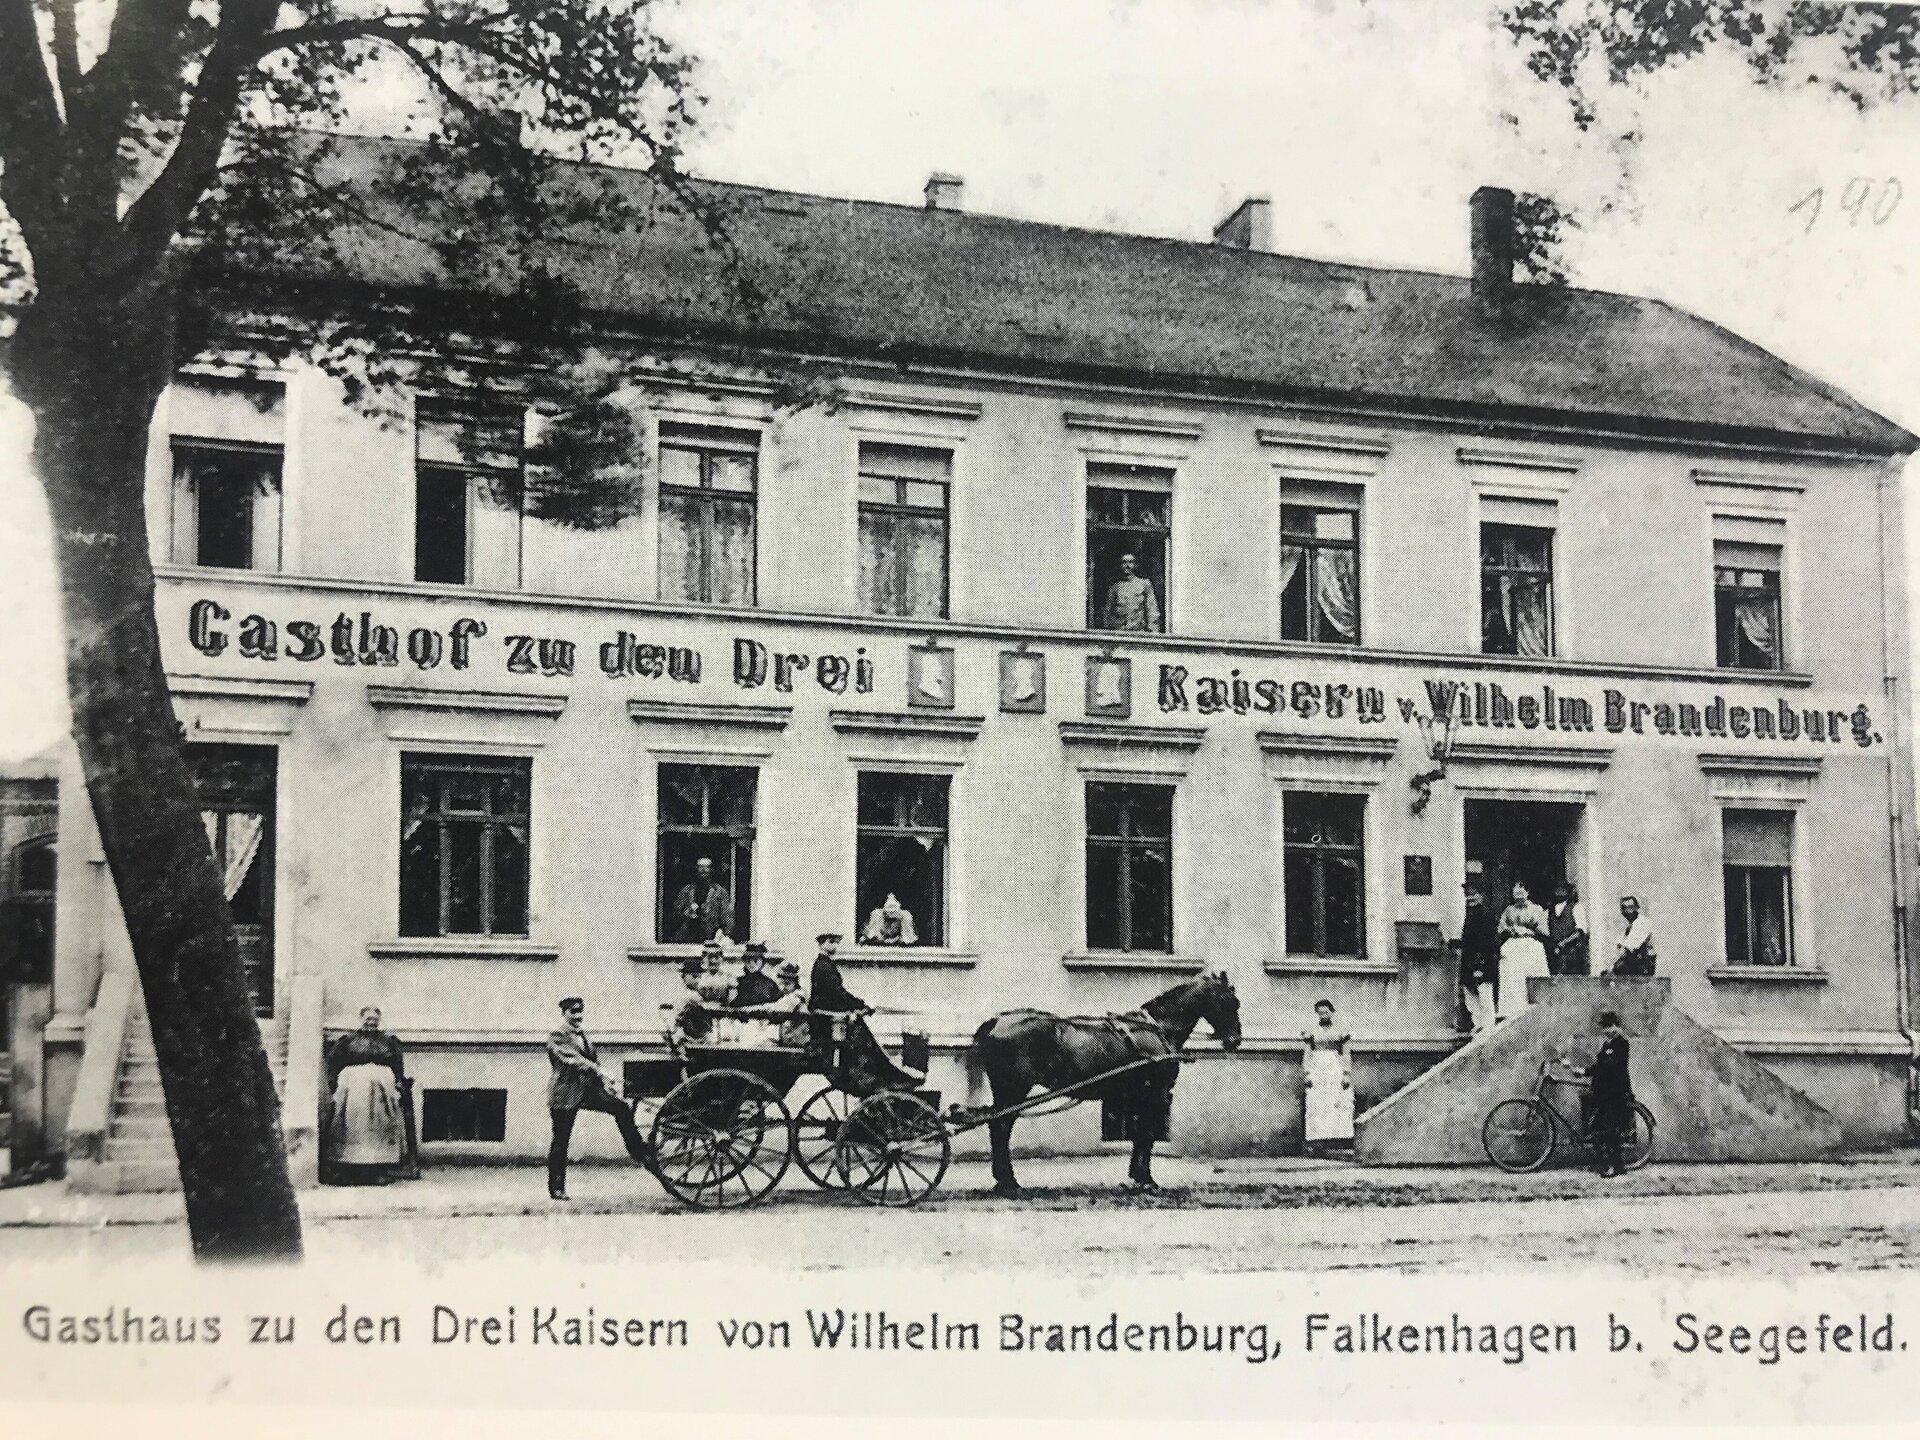 """Unser Bild zeigt die Gaststätte """"Zu den drei Kaisern"""", diese erhielt 1918 den Namen """"Eichenkranz"""". Das Gebäude steht heute noch in der Freimuthstraße/Ecke Spandauer Straße (Quelle: Museum und Galerie Falkensee)."""